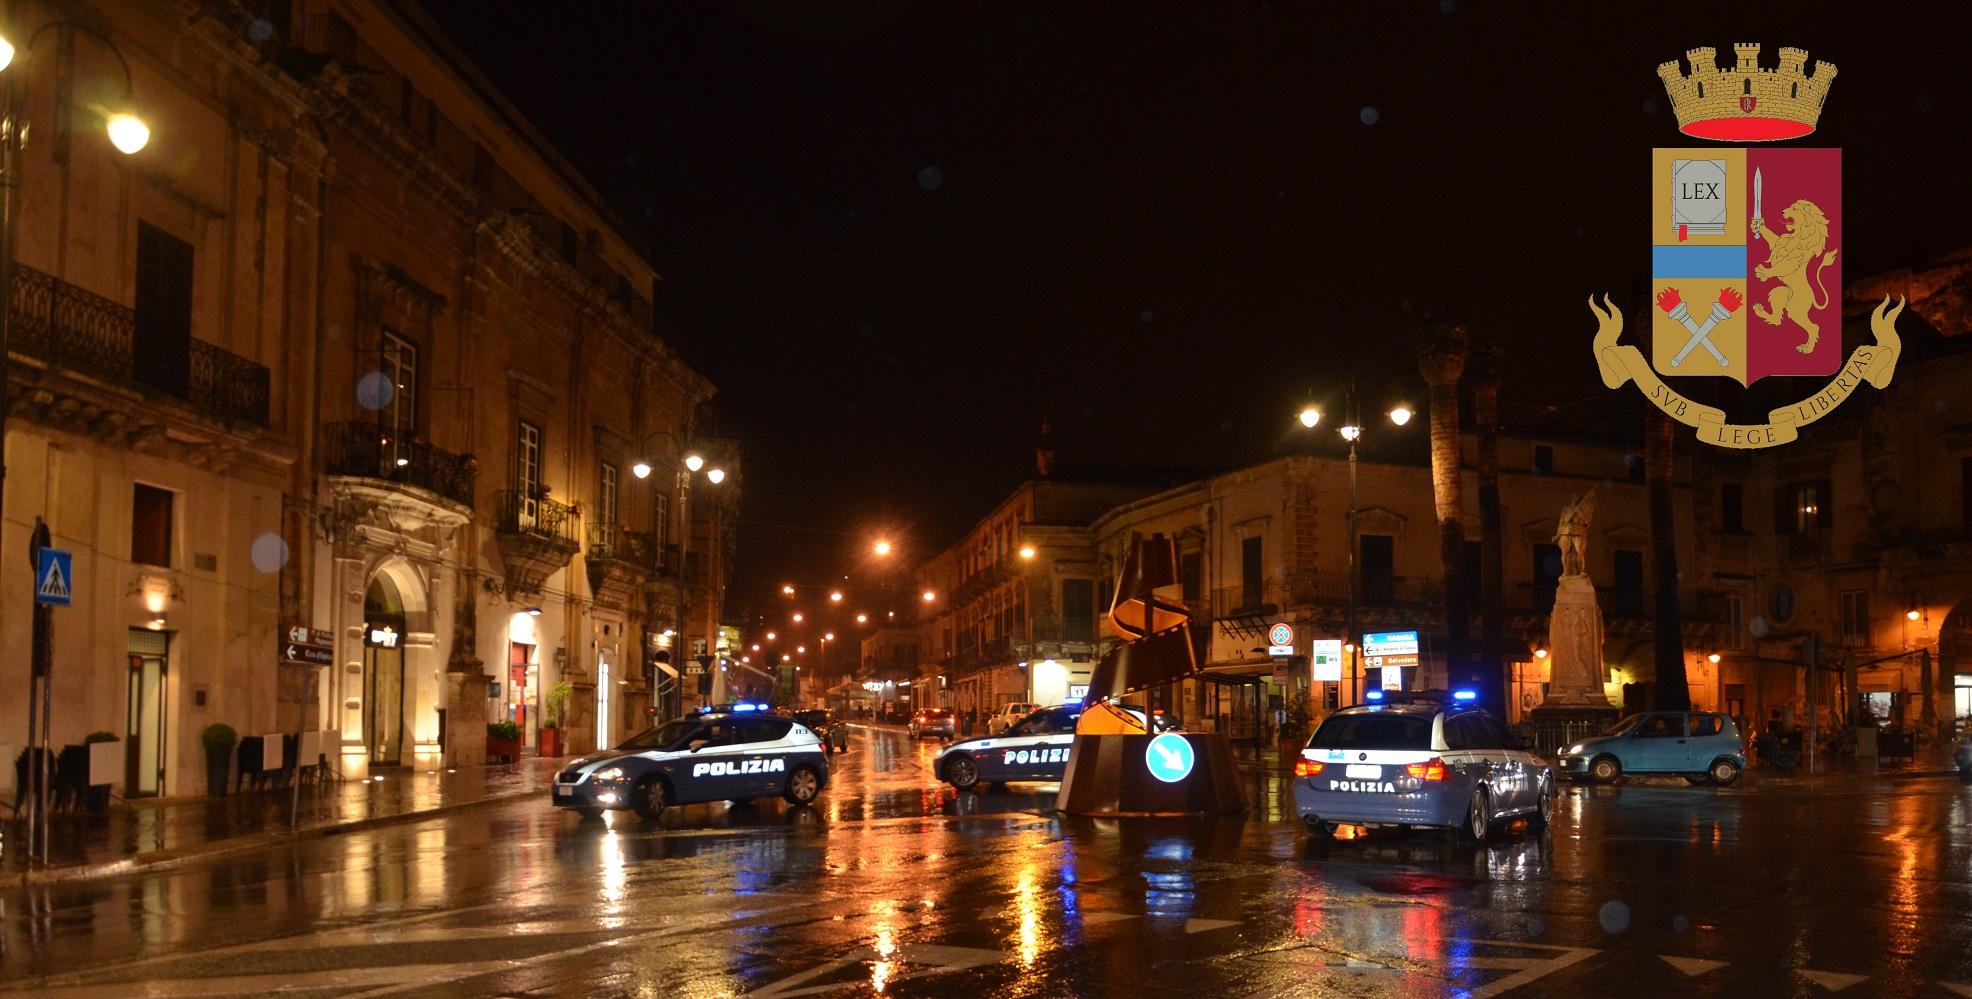 Modica – Giro di vite della Polizia: rilevate due infrazioni al codice della strada. Dieci perquisizioni domiciliari